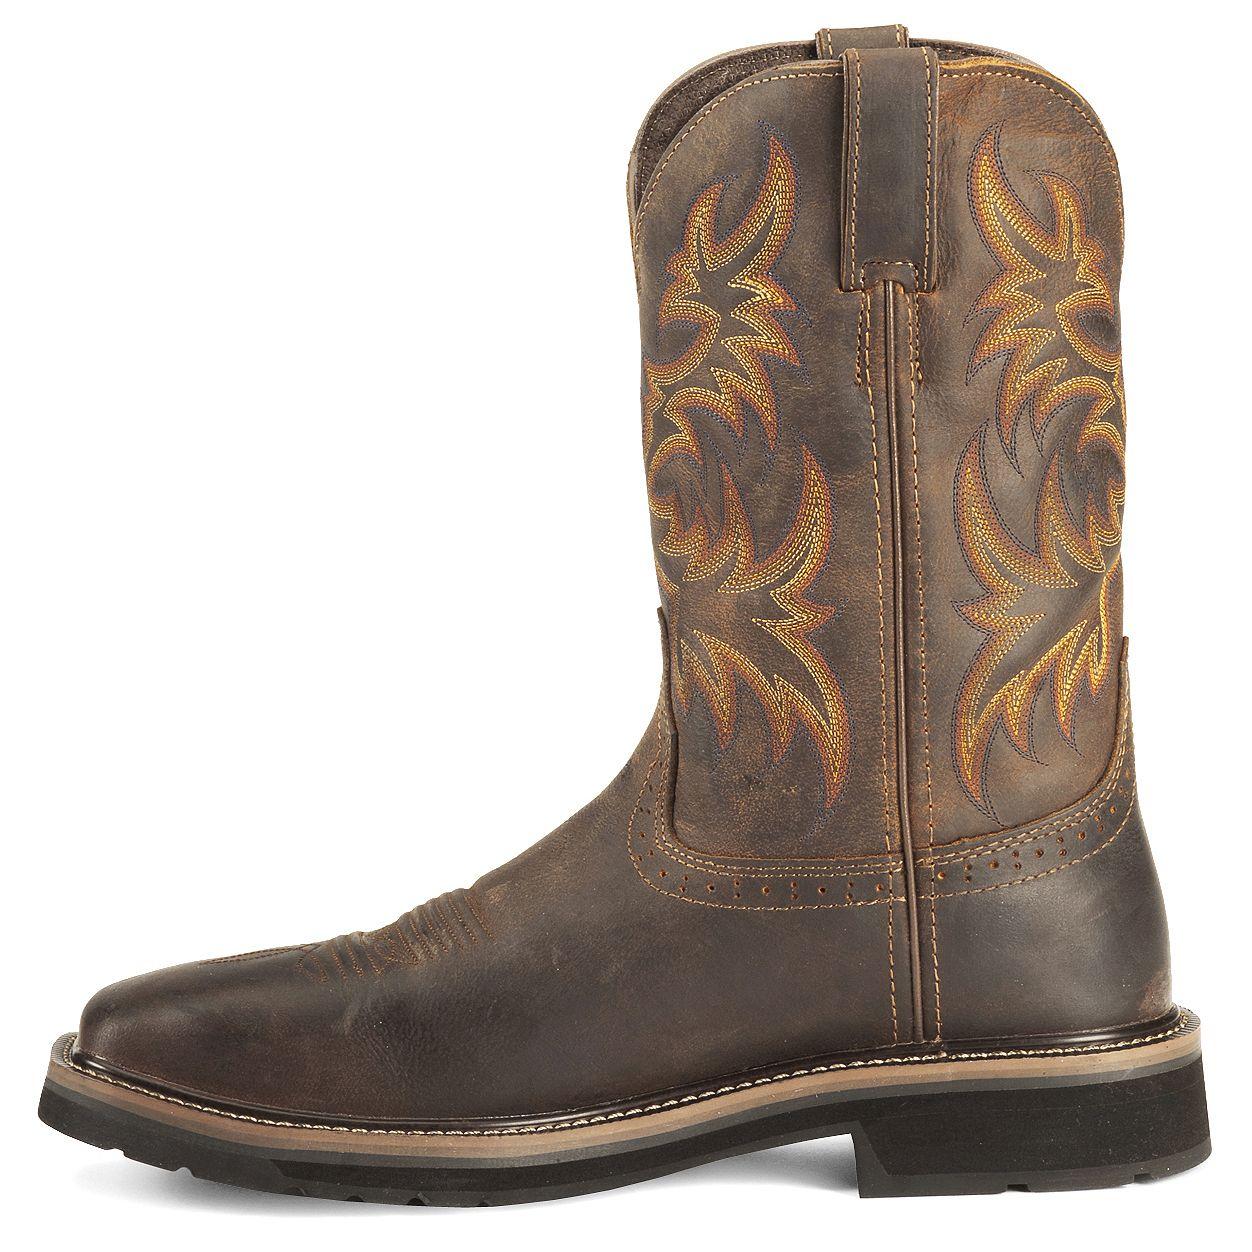 Justin Stampede Tan Waterproof Work Boots Steel Toe